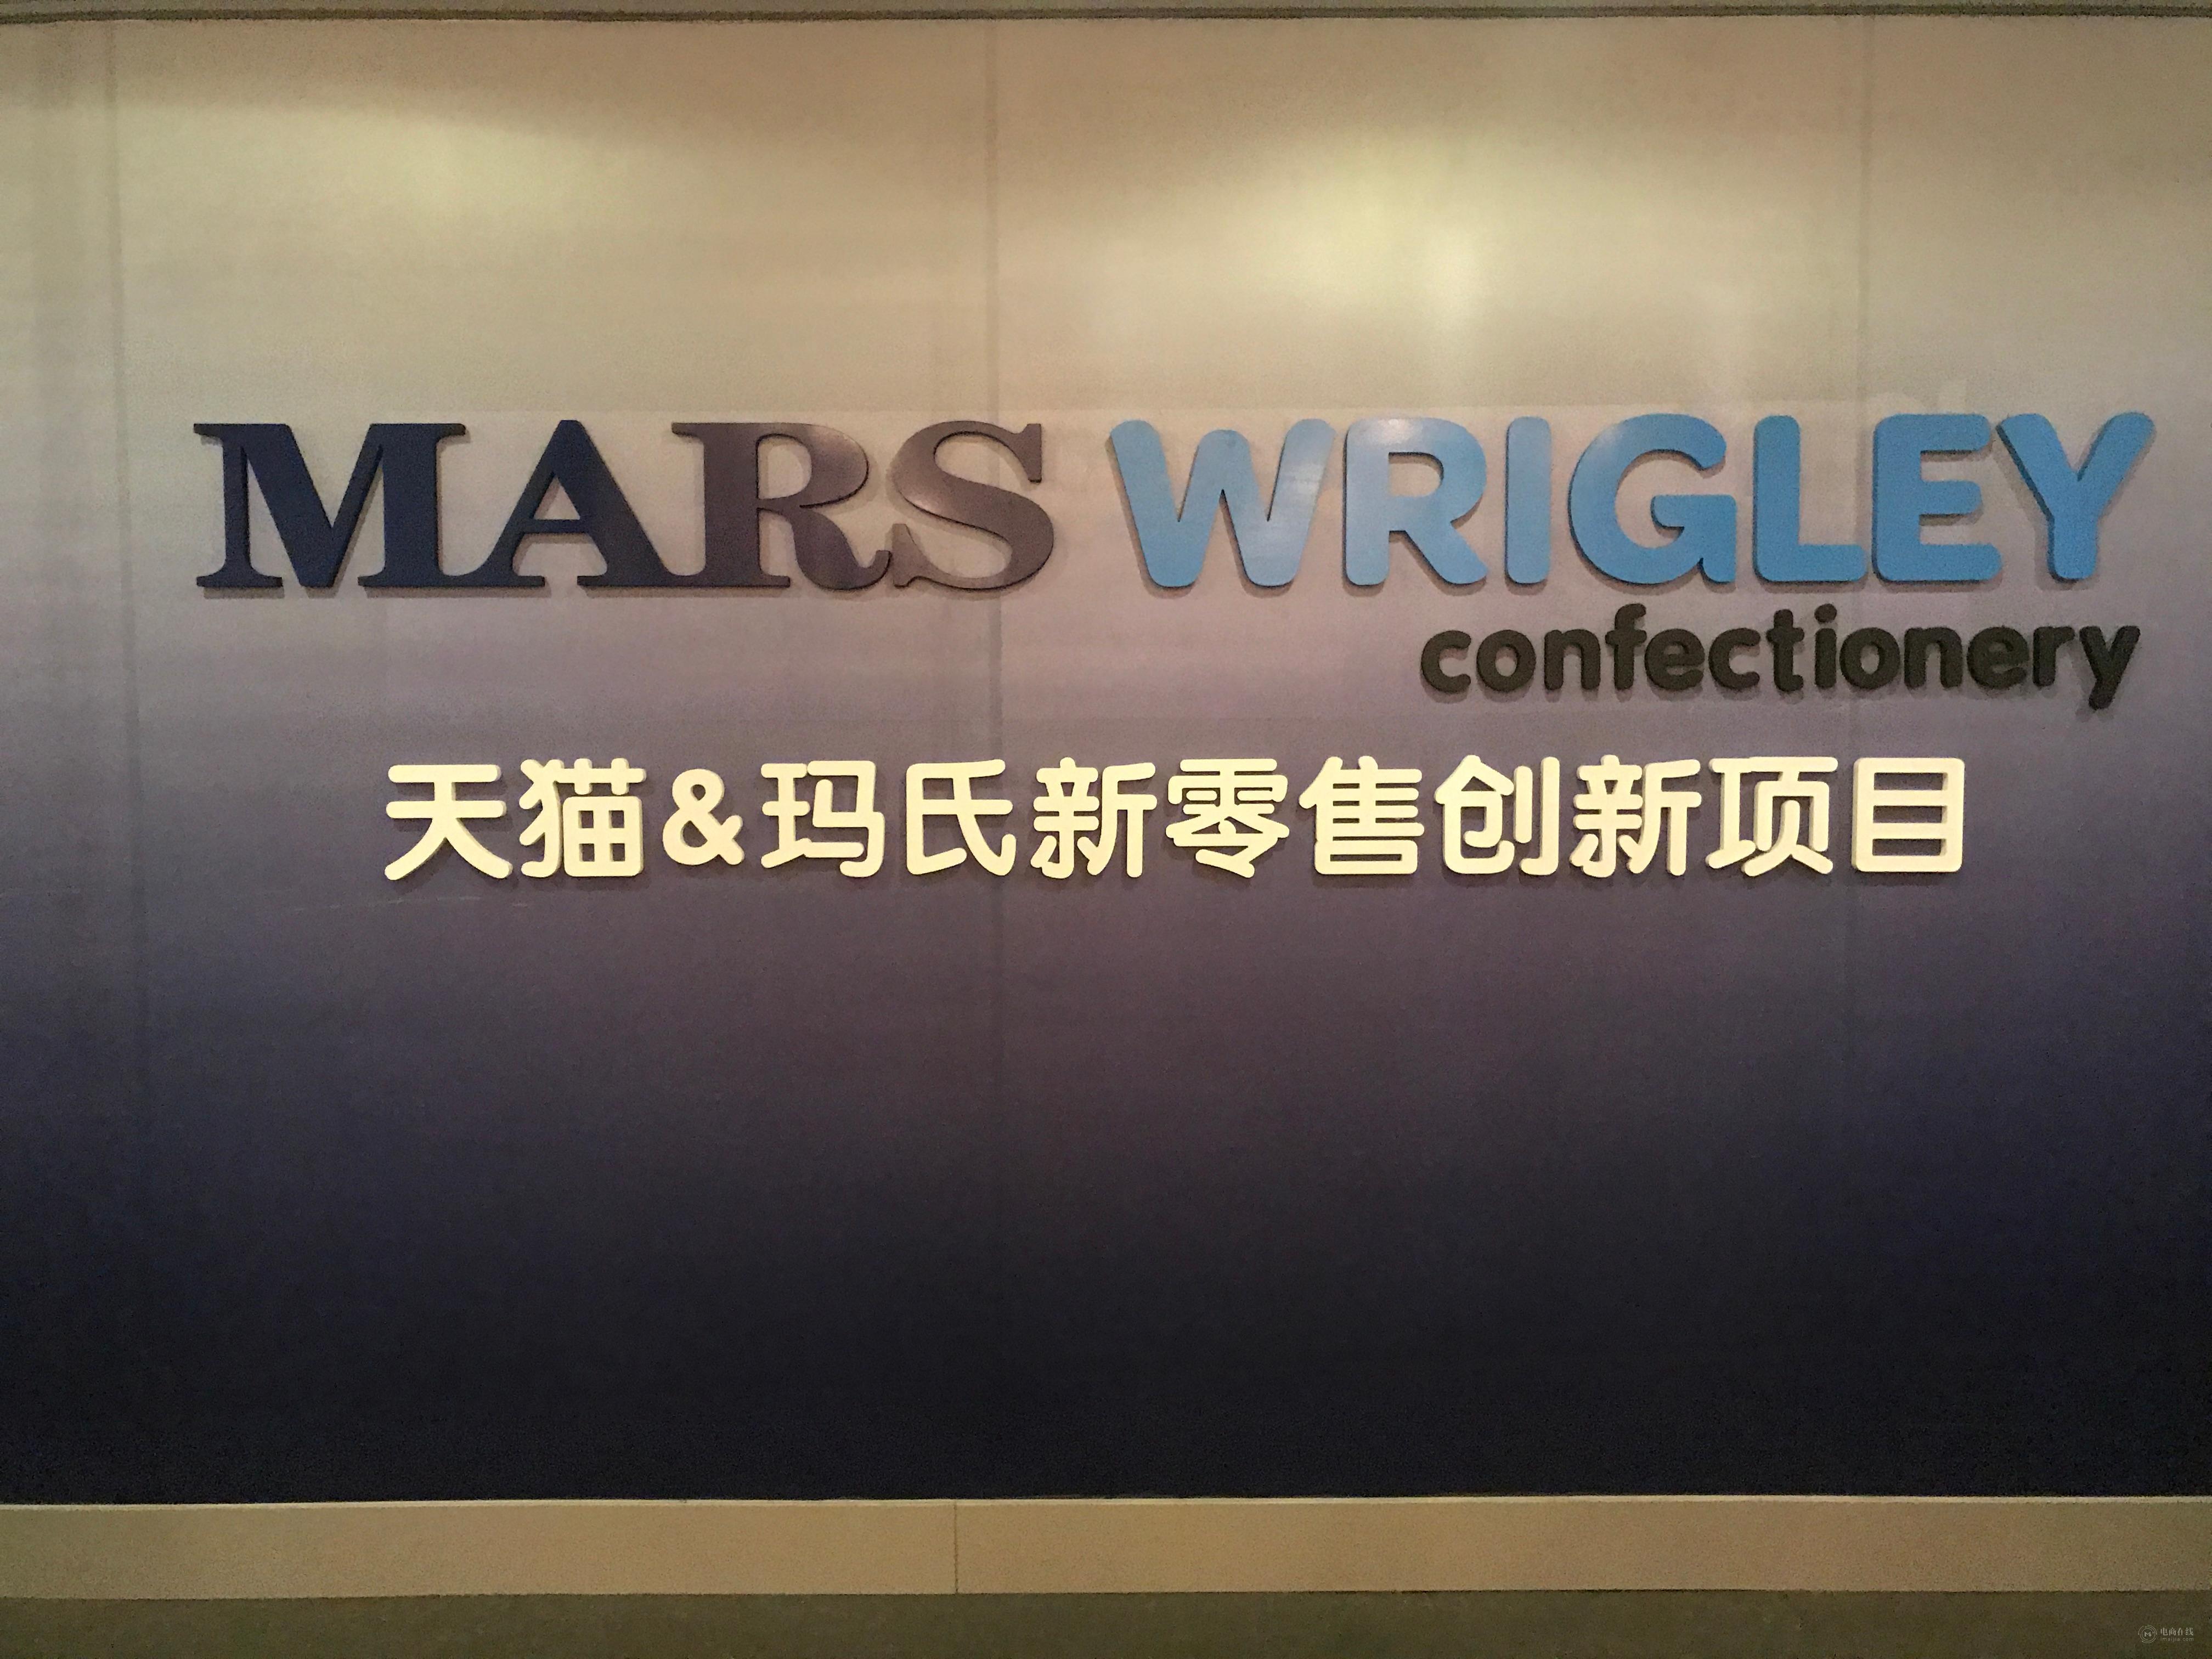 2017年7月,玛氏与天猫合作的新零售创新项目挂牌成立.jpg